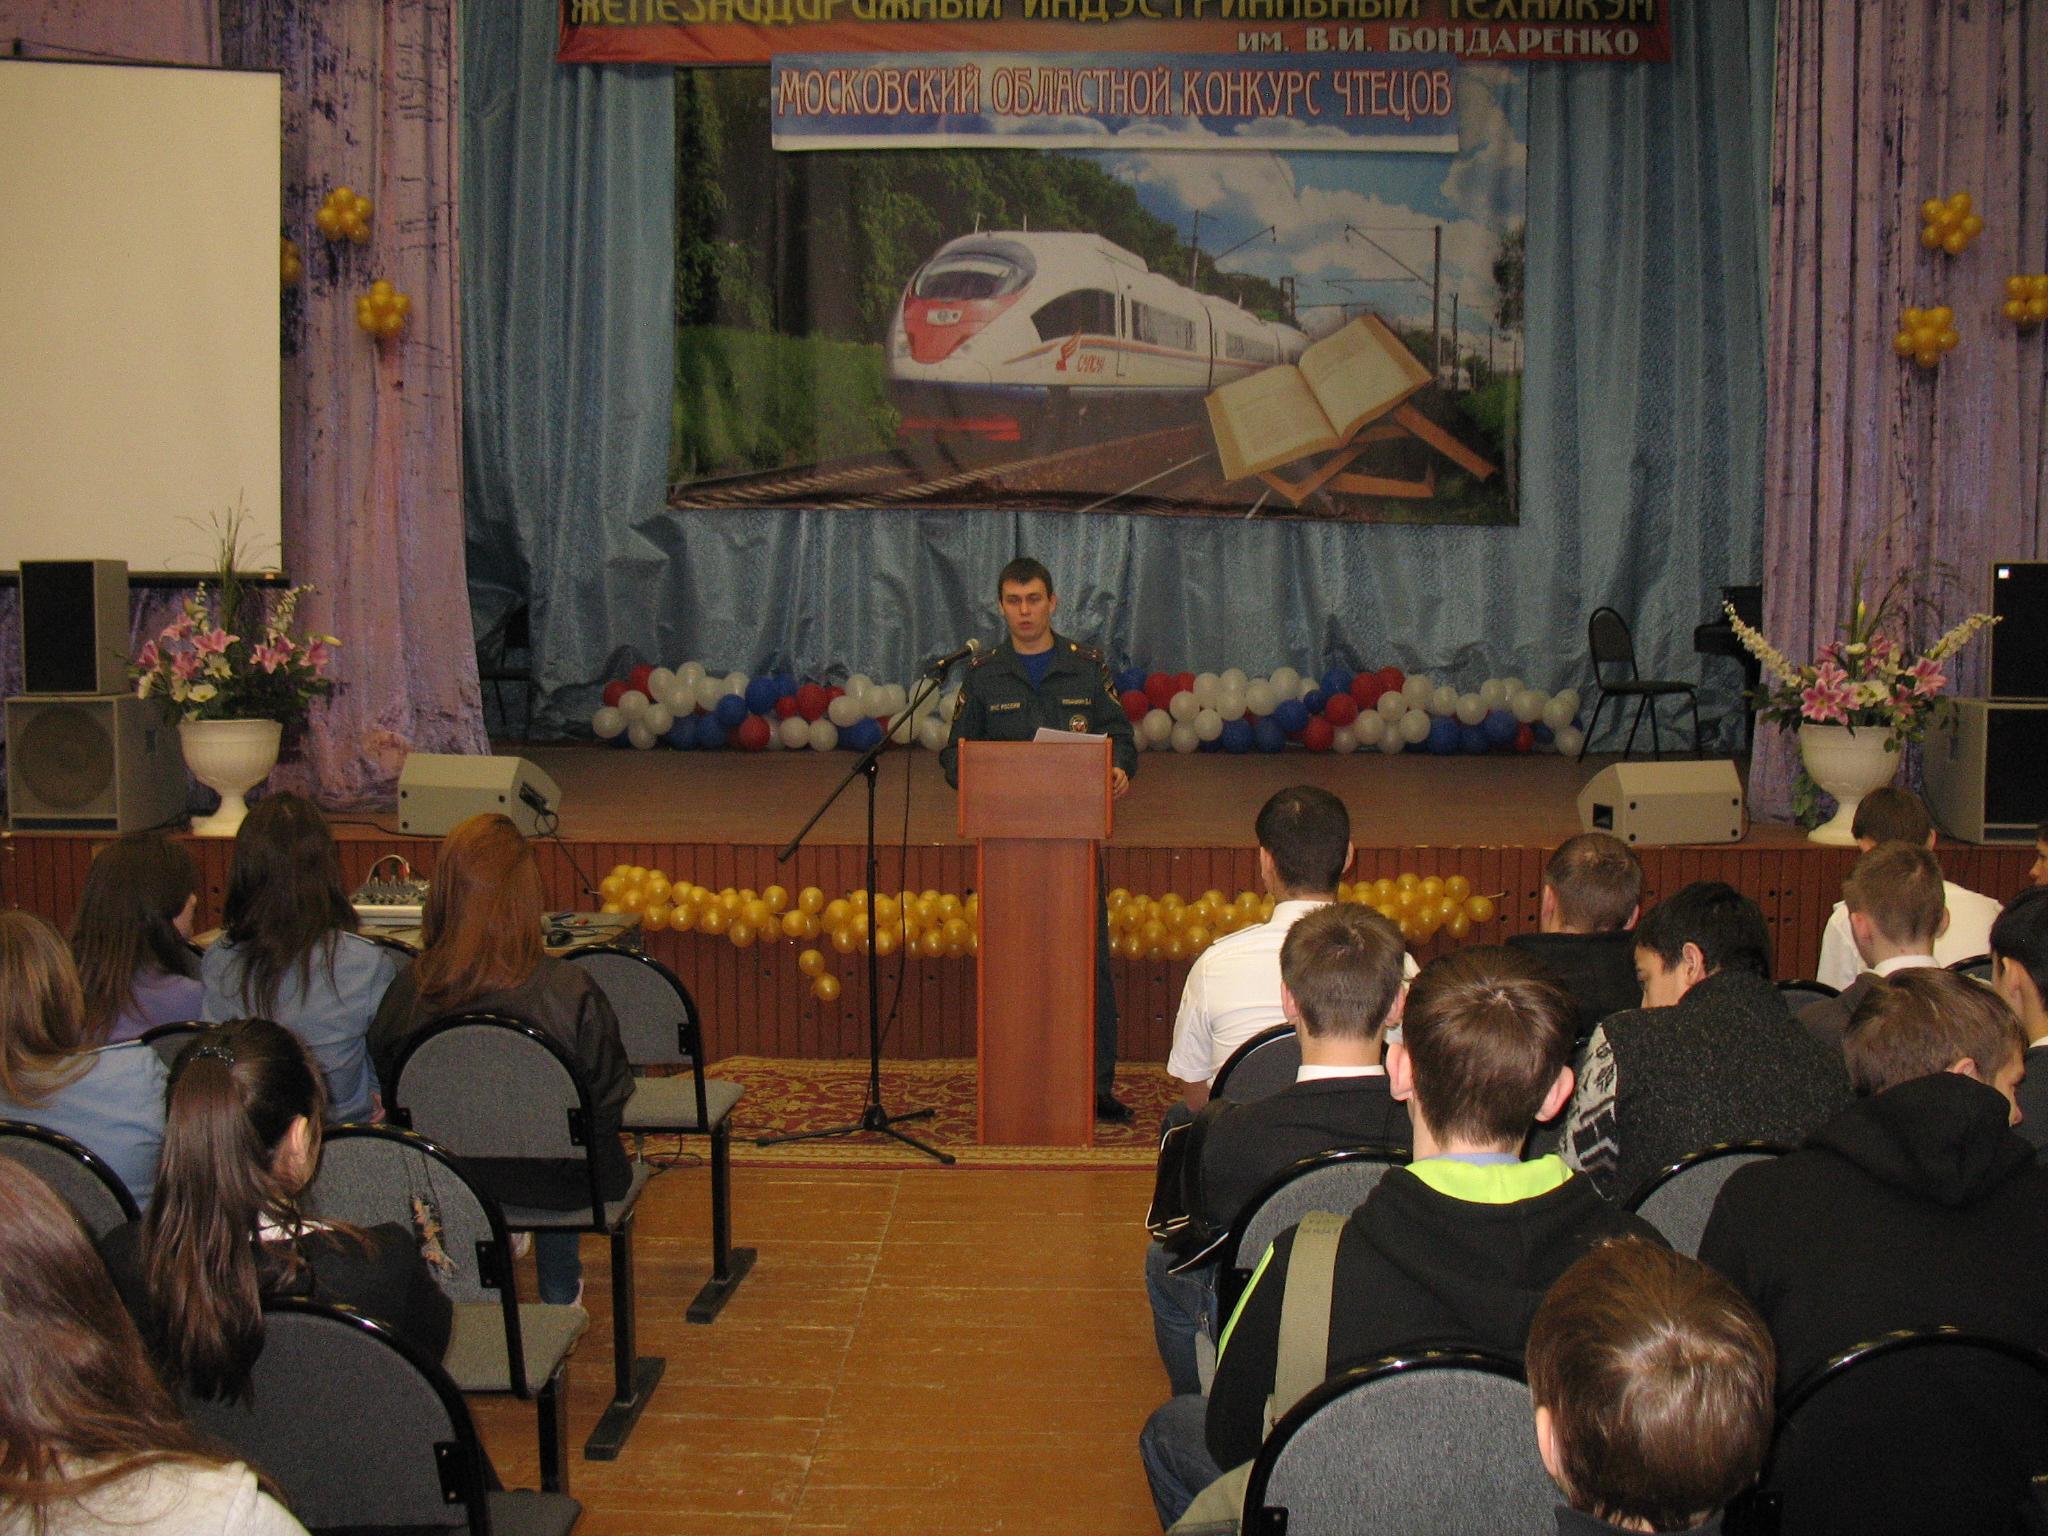 В Орехово-Зуевском районе Подмосковья проводятся занятия по пожарной безопасности с детьми в образовательных учреждениях